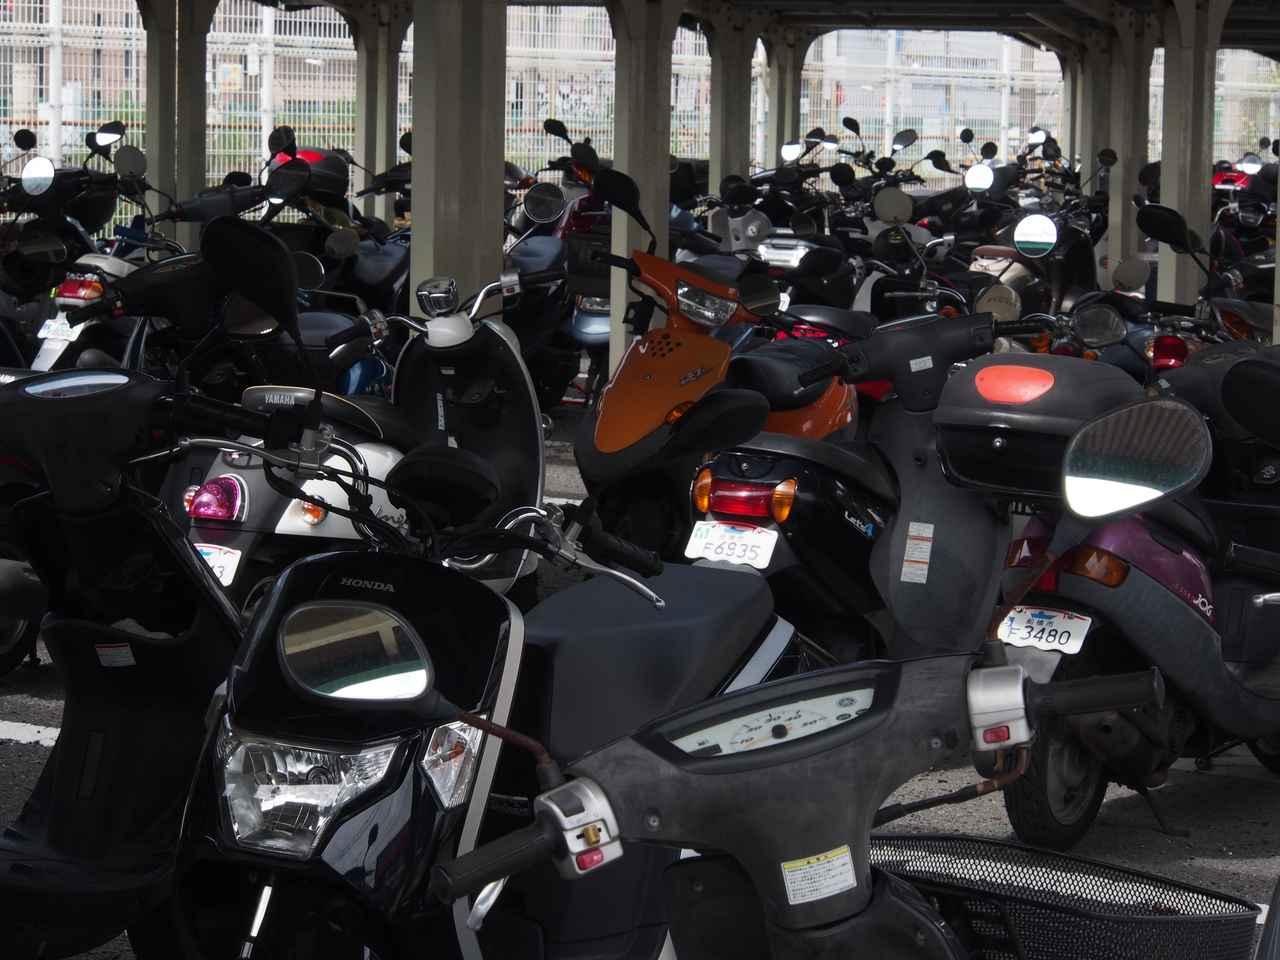 画像: バイクの駐車場。中央右寄り、赤い部分(シート後ろの反射板)をキャプチャー。これはまあ、誤作動でしょうね。